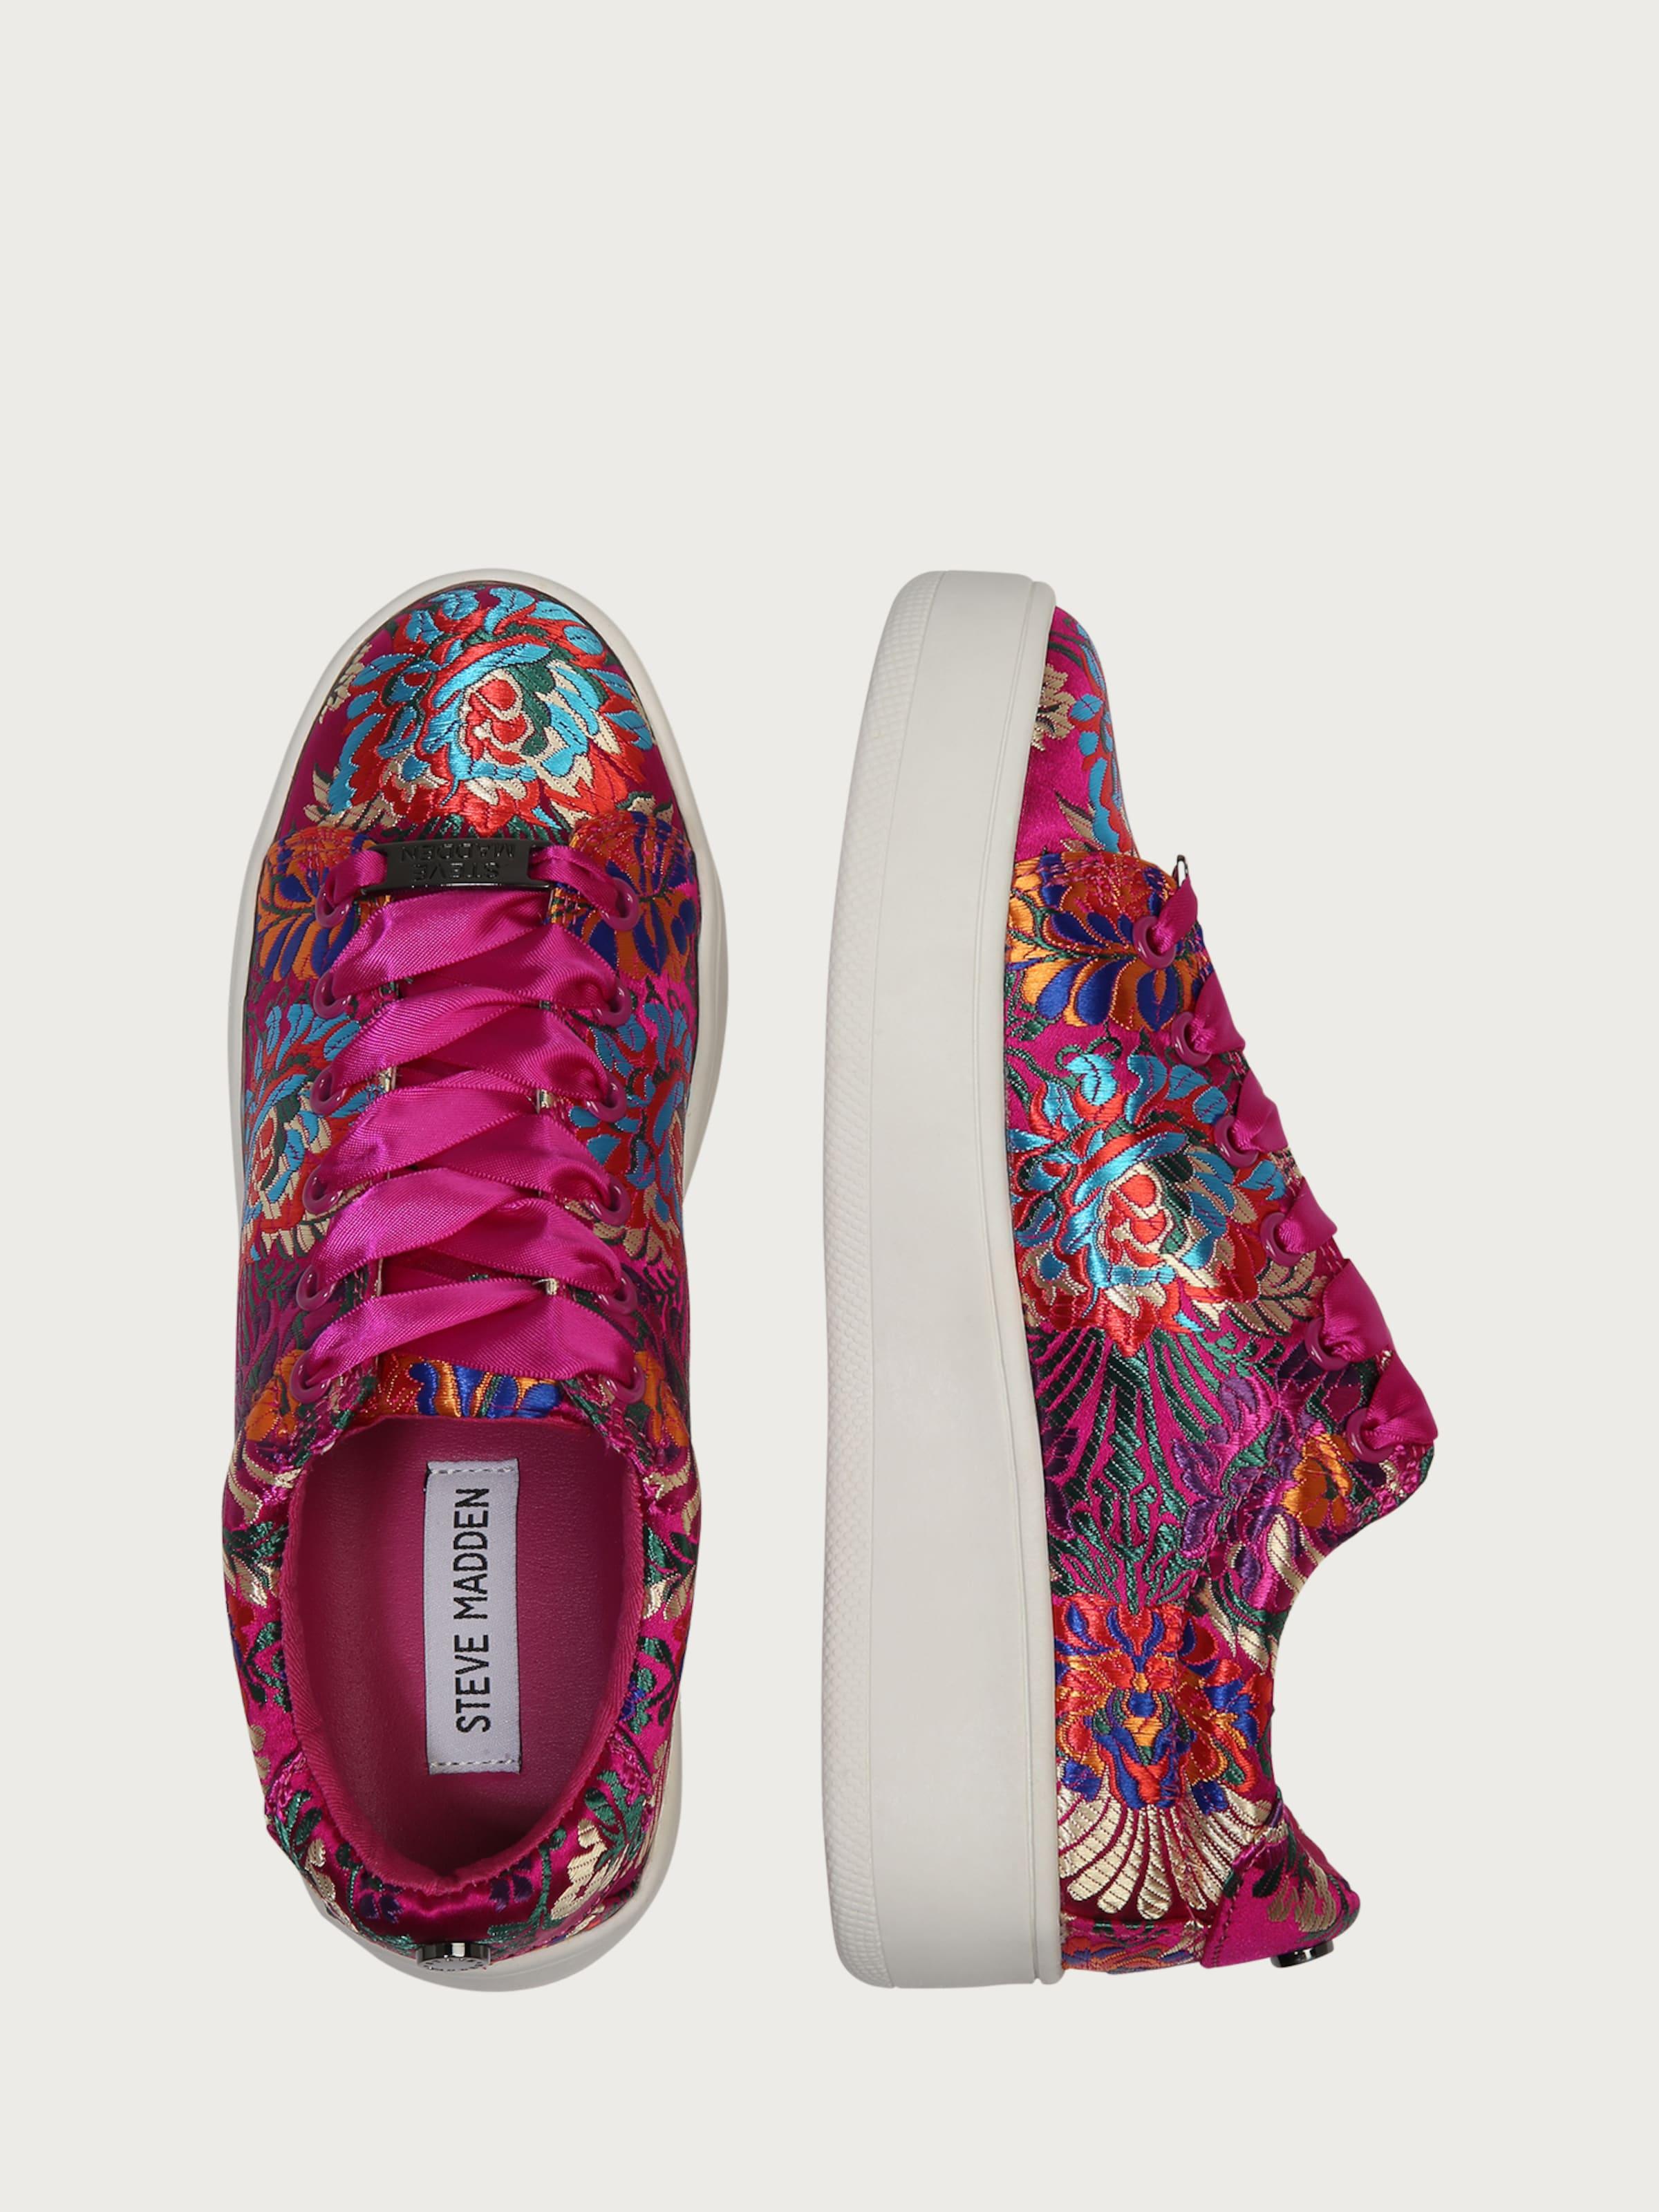 STEVE MADDEN Sneaker 'BRODY' Auslass 2018 Unisex Unter Online-Verkauf Gefälschte Online Billig Verkauf Perfekt Günstig Kaufen Footlocker Finish zxNom